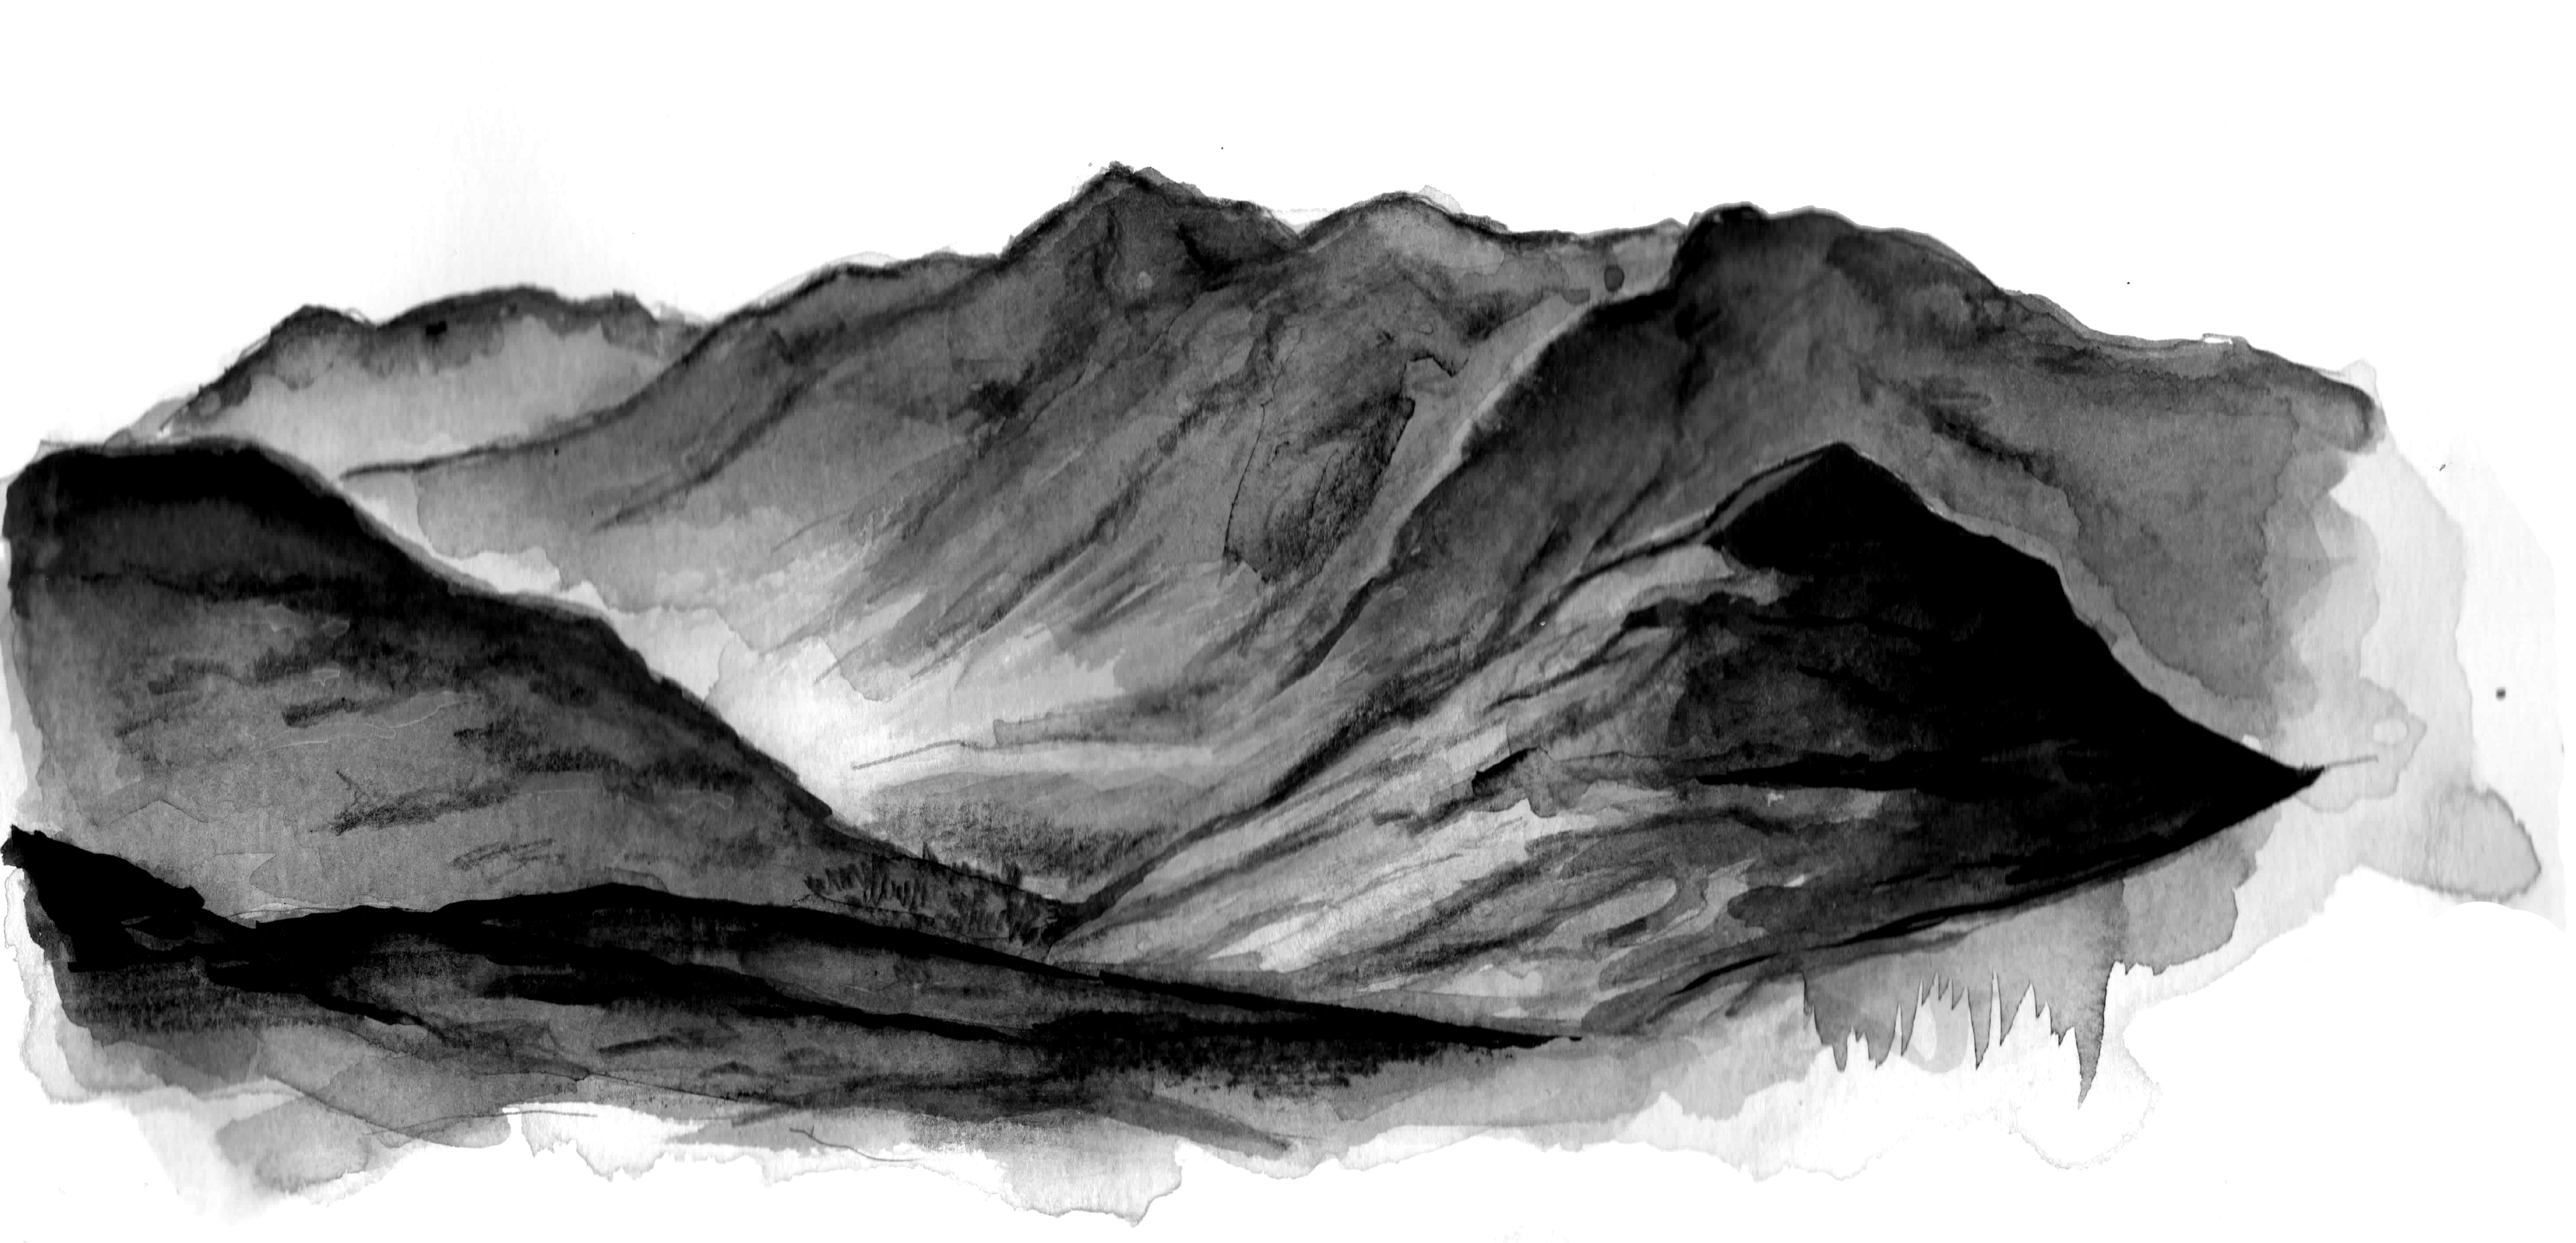 CH1 landscape